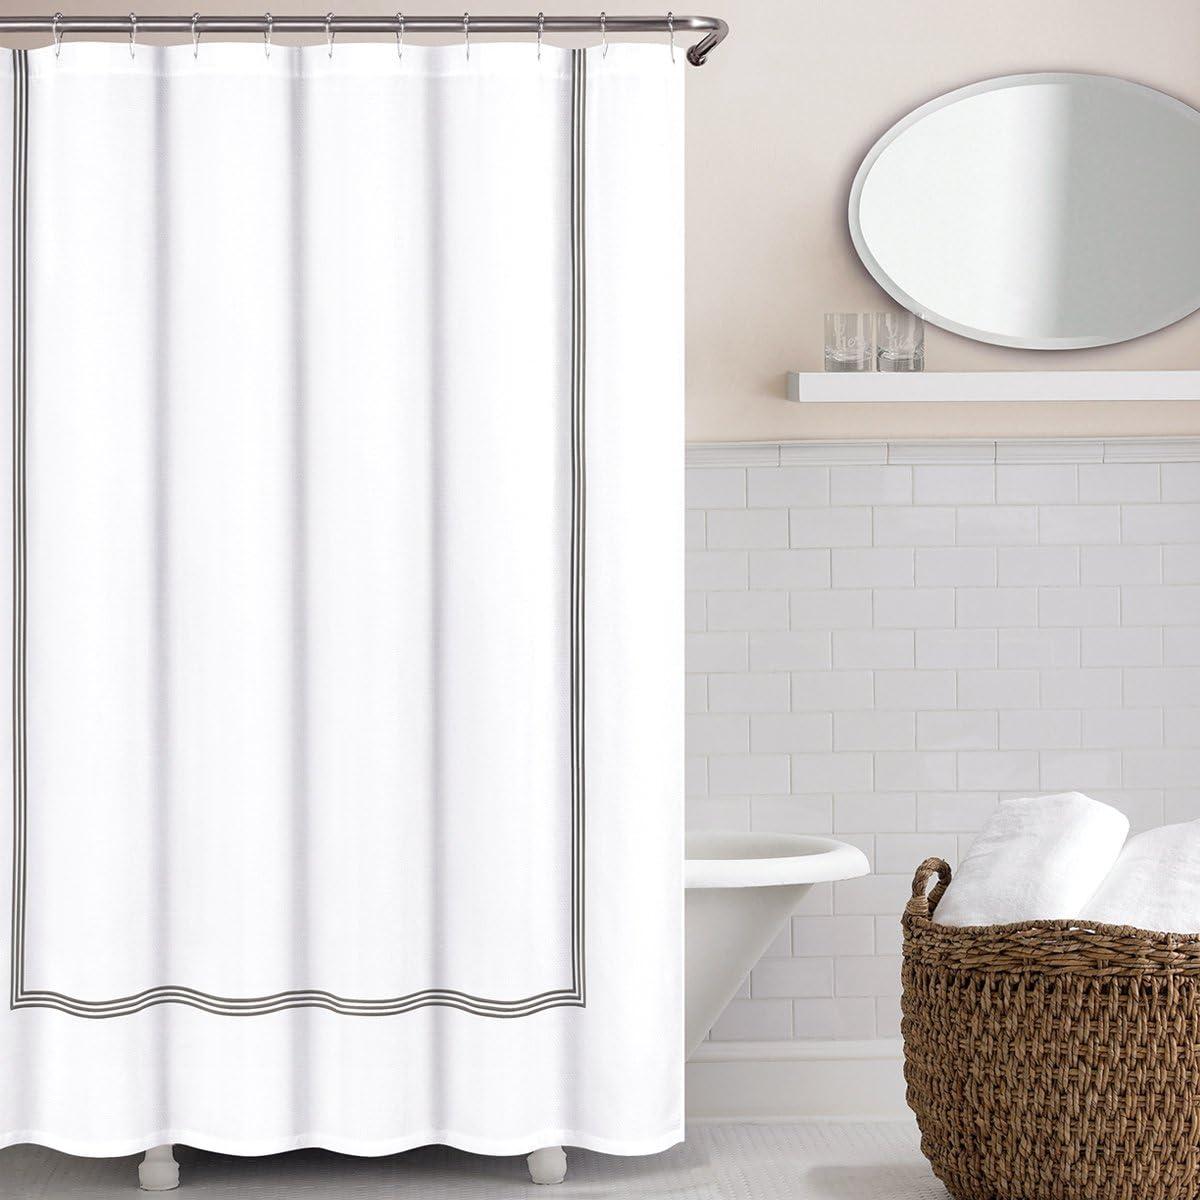 Echelon Home Collection Navy Echelon Hotel Three Line Shower Curtain